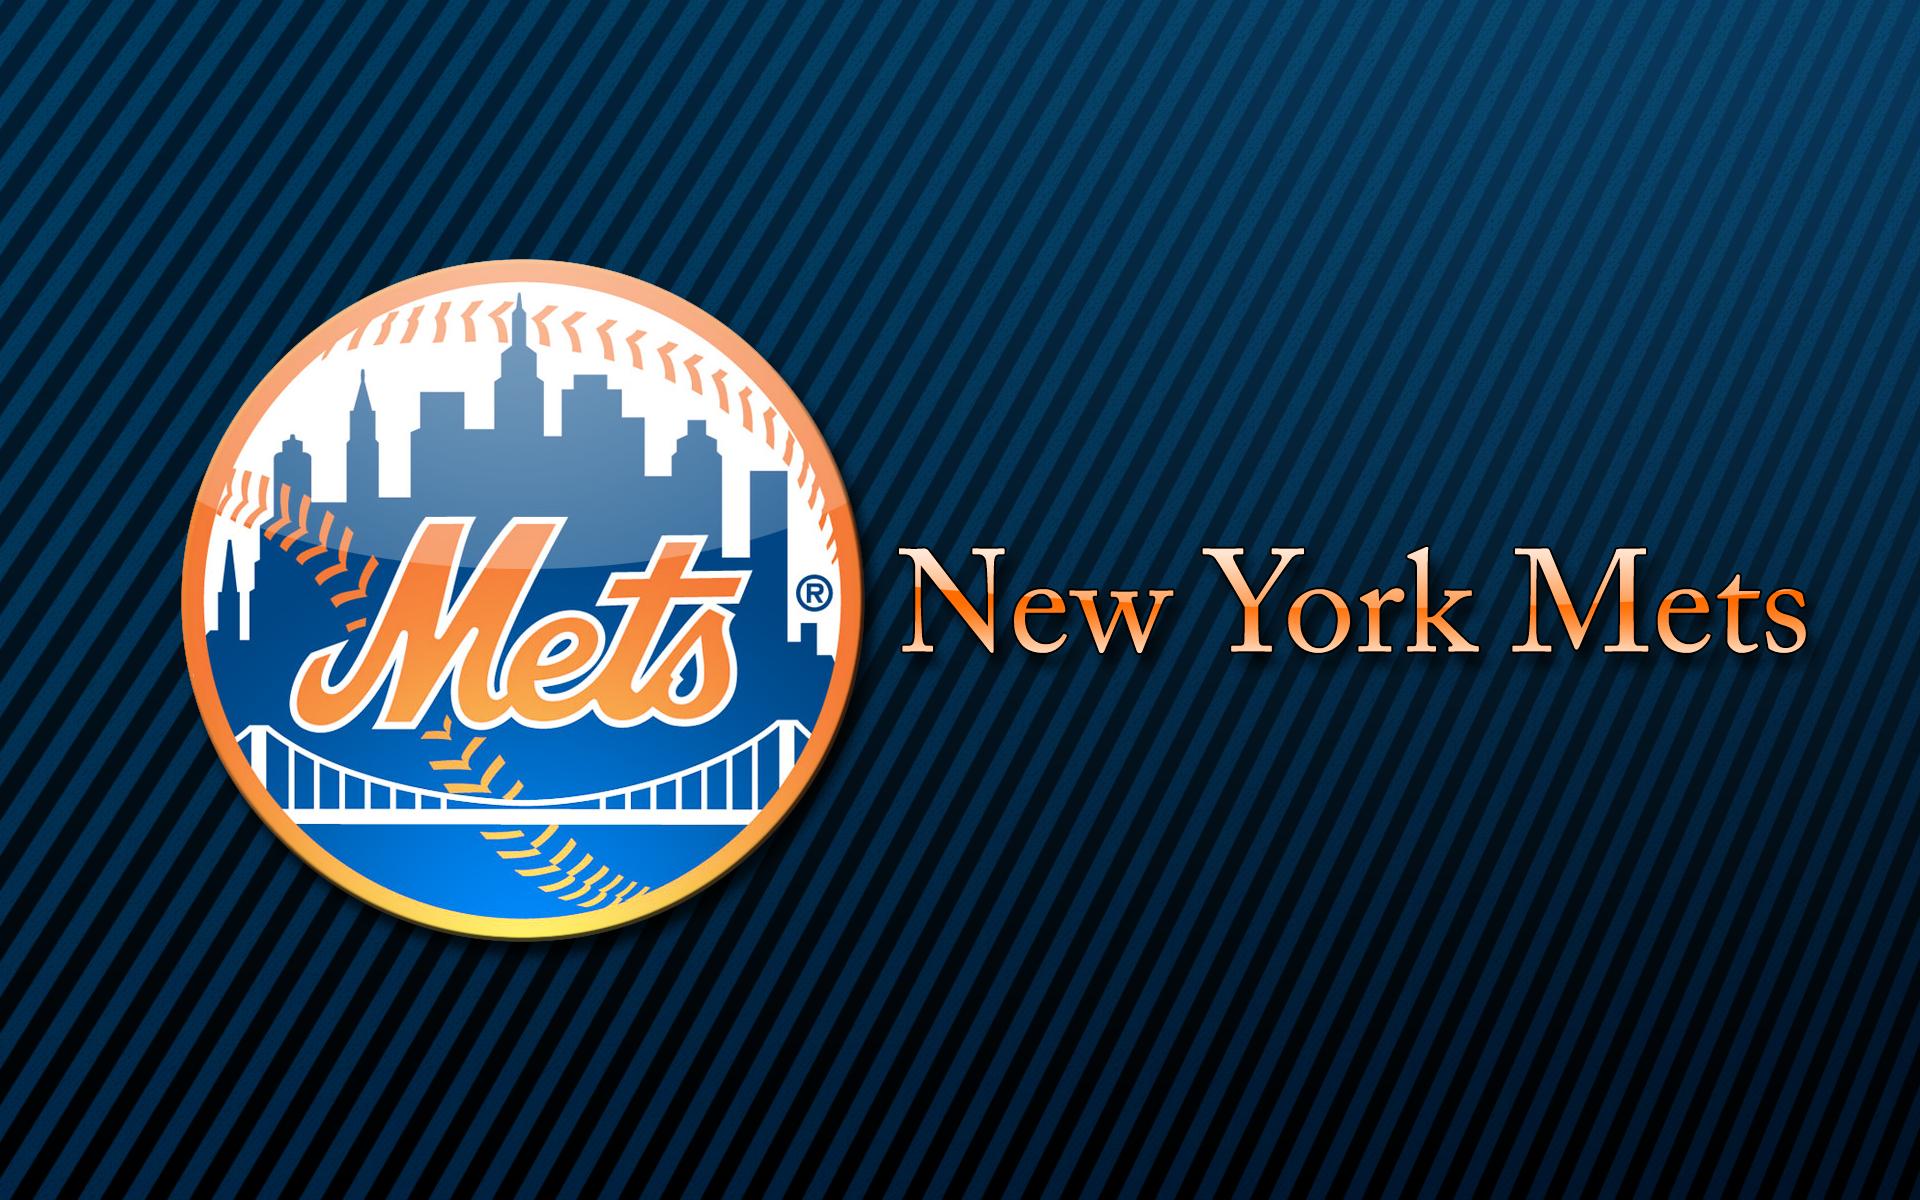 New York Mets desktop image New York Mets wallpapers 1920x1200